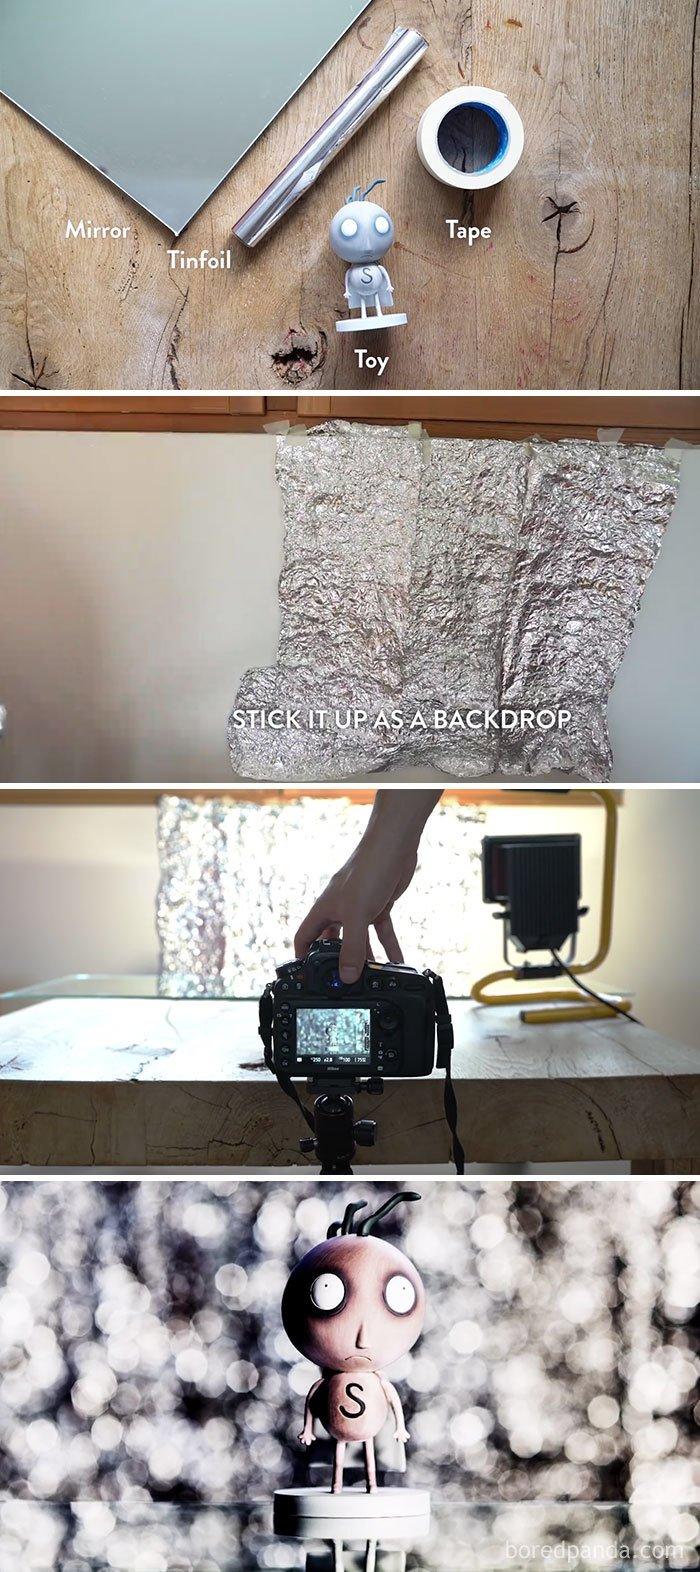 easy camera hacks how to improve photography skills 16 596f57e3116c7  700 - 30 simples truques de câmera para te dar fotos incríveis em 2018